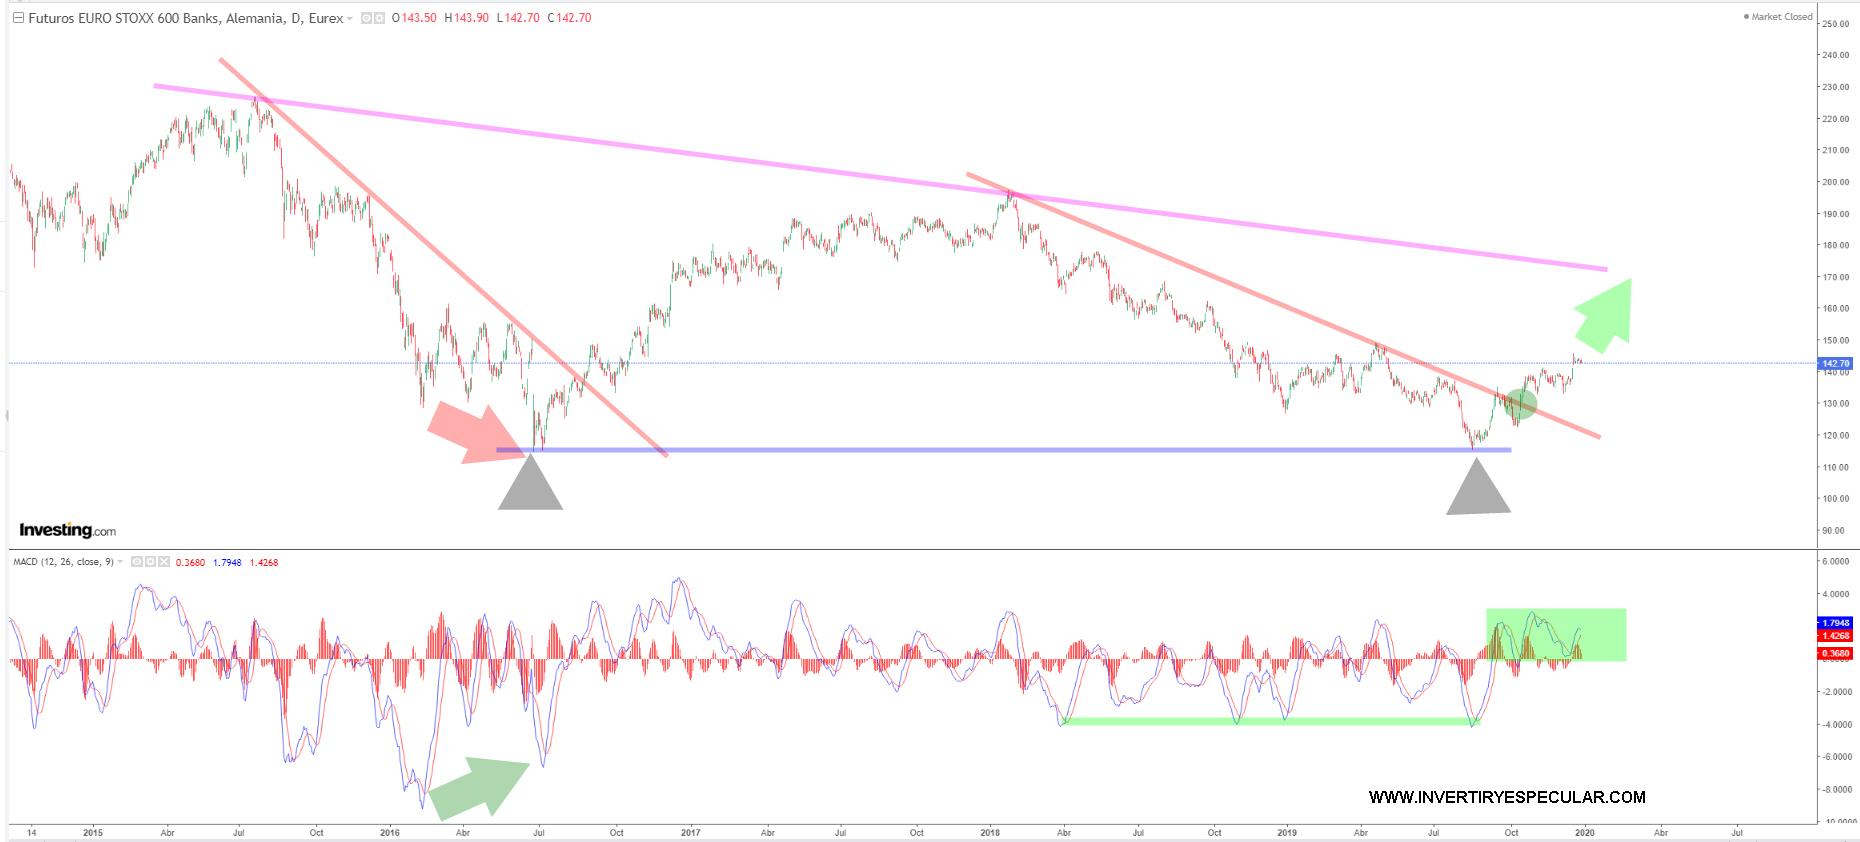 Caixabank y Bankia  sensaciones iguales recuperaciones distintas